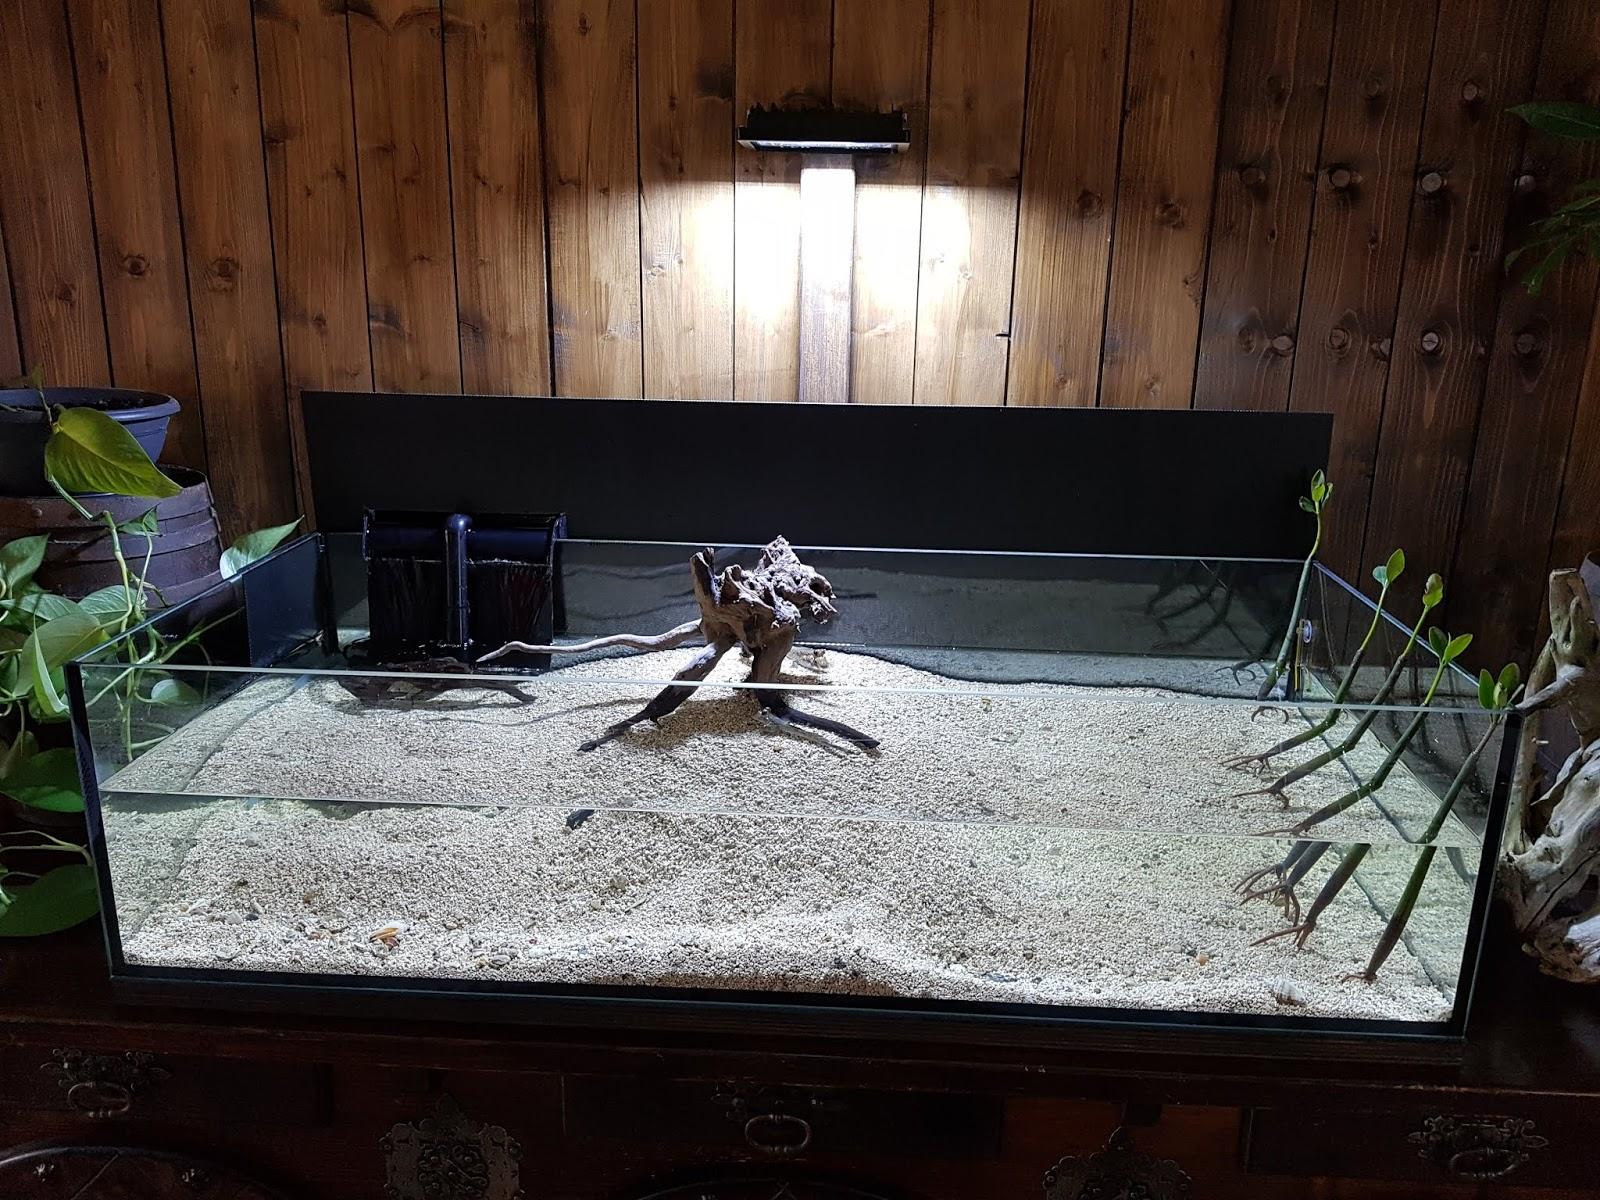 Trouble Peut Rendre Marin Led D'aquarium Lampe L'eau fby7Y6g